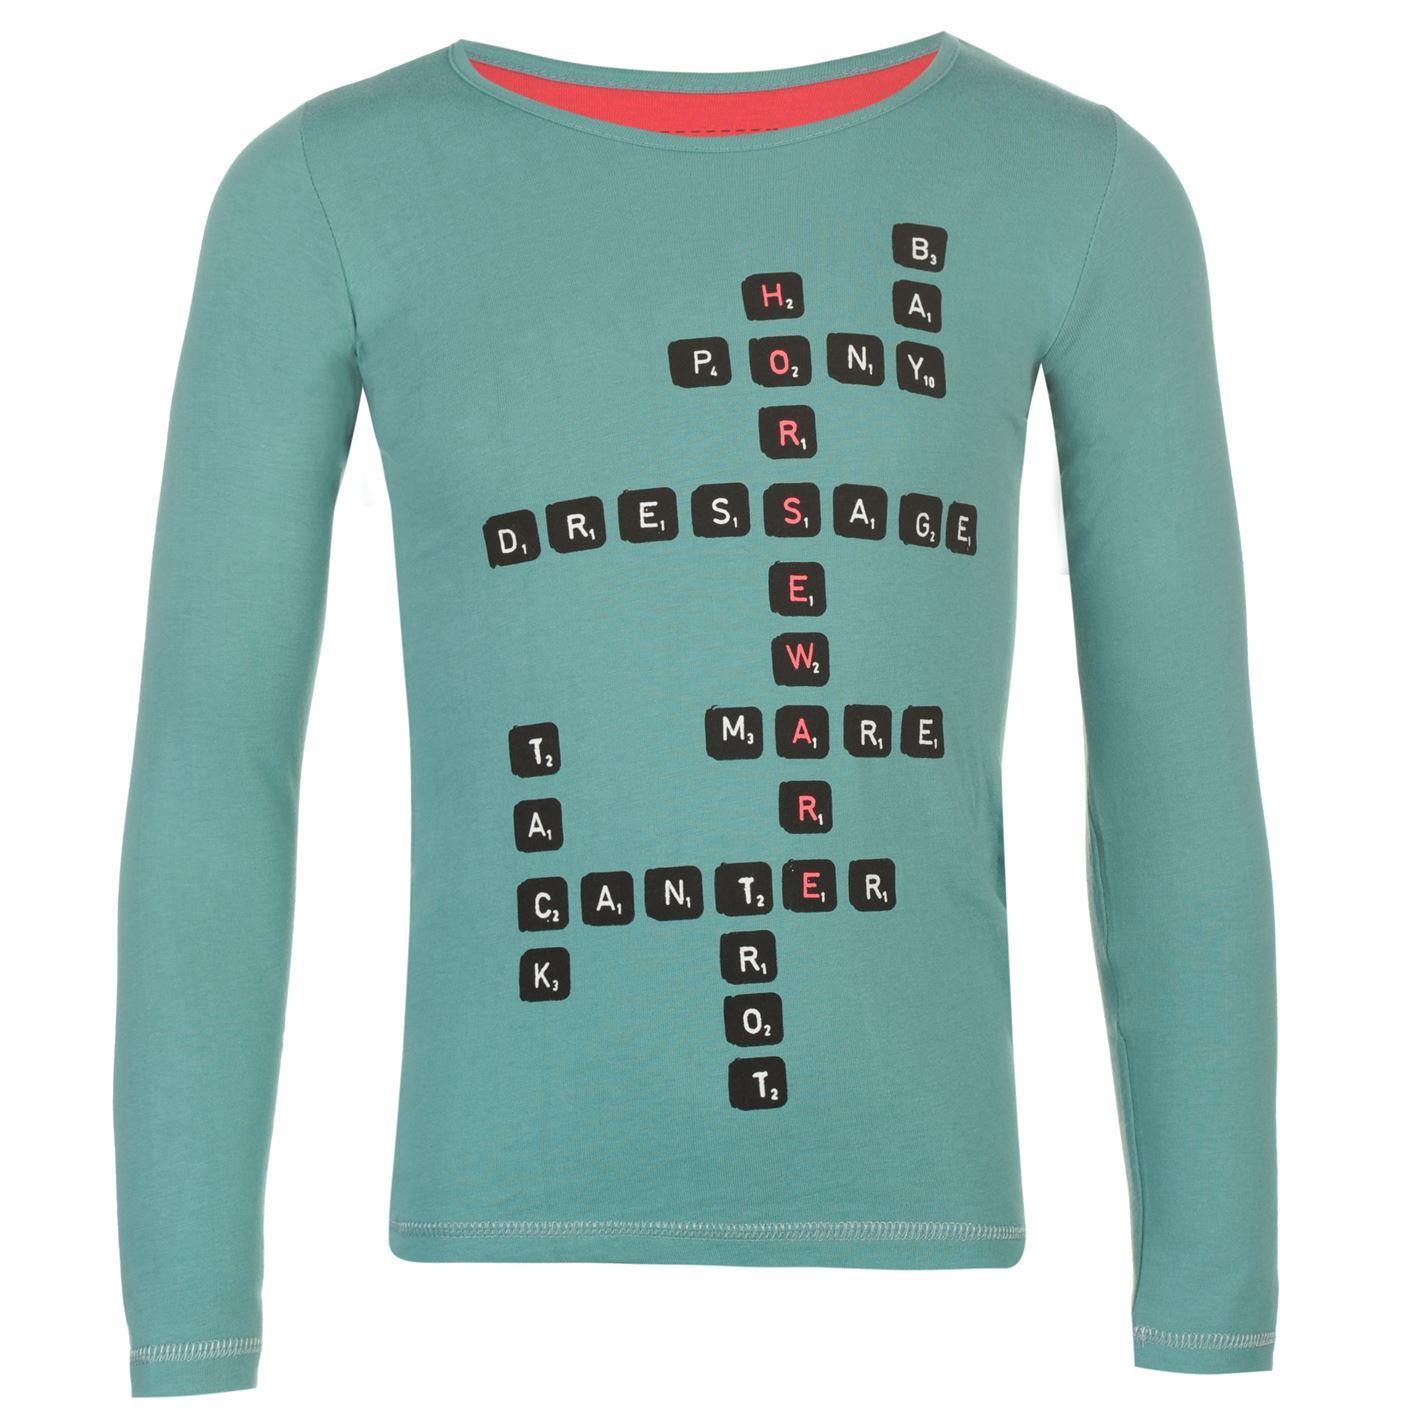 505f212b2079 Horseware Childrens Girls Long Sleeve Tee Shirt Top Graphic Stamp ...